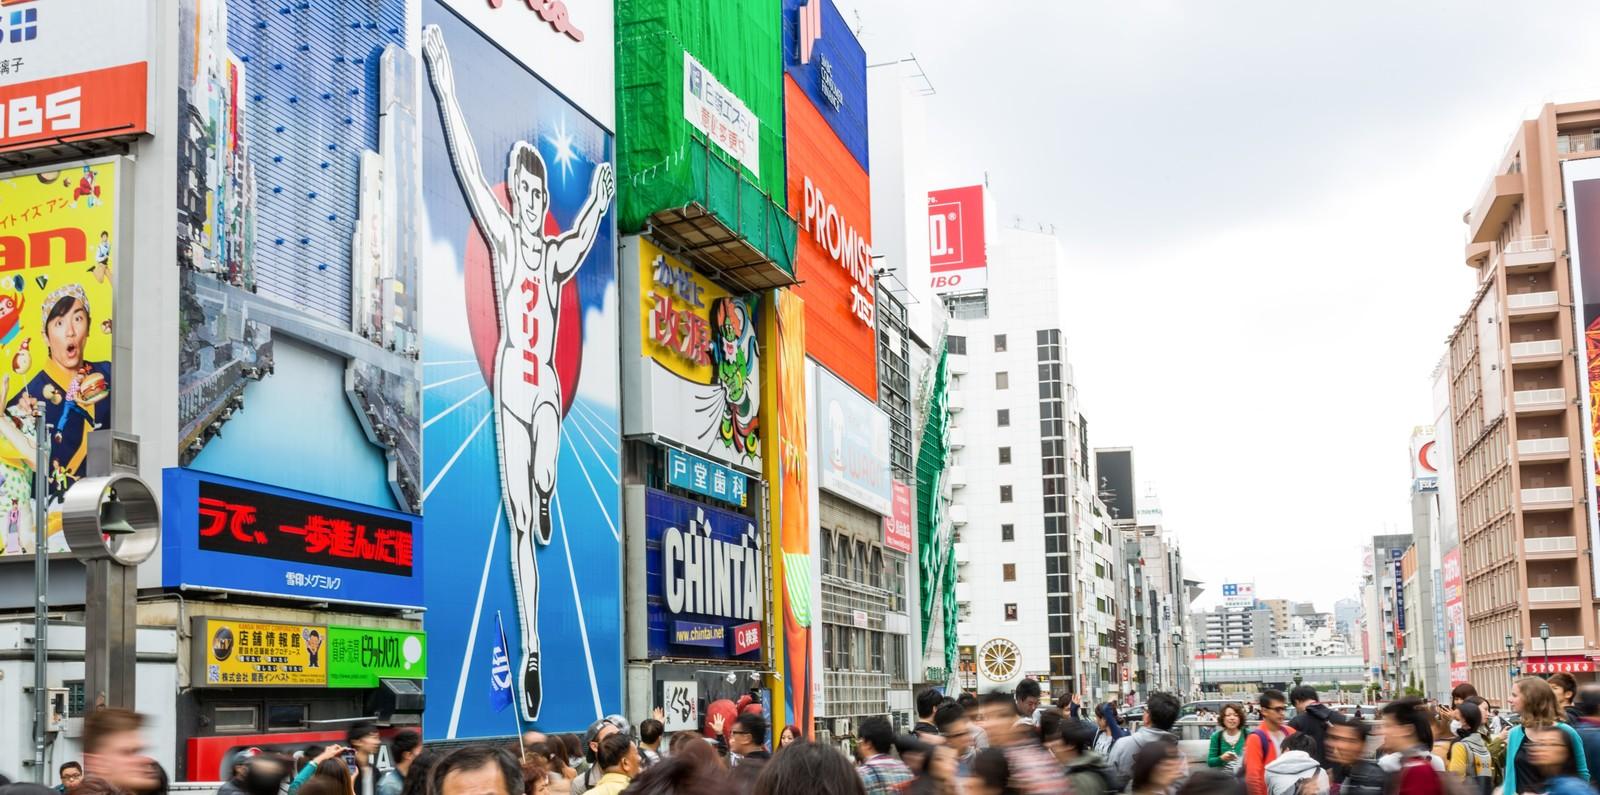 大阪の街の風景とは